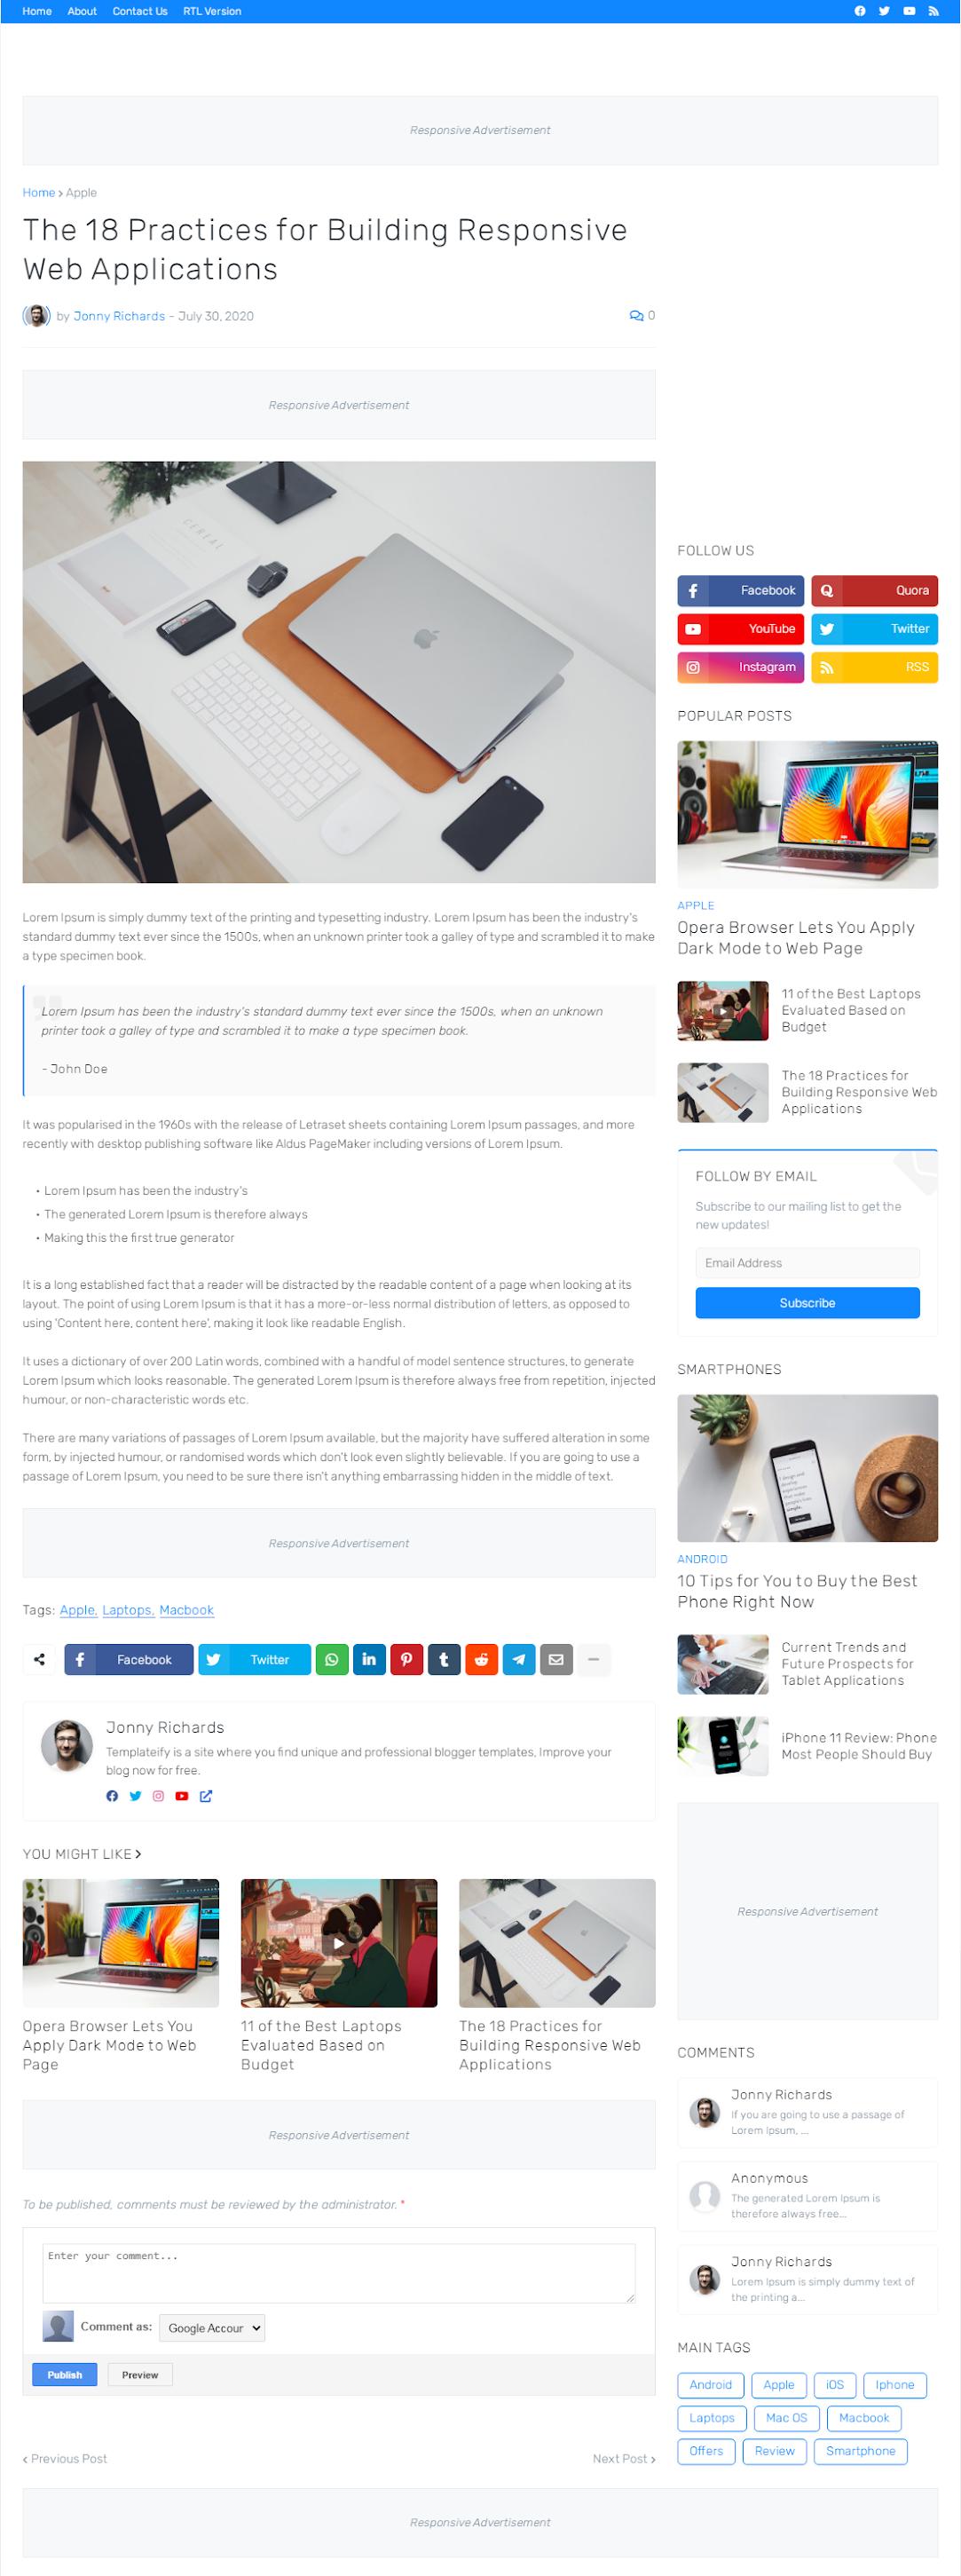 DEMO Trang bài viết SuperMag Template BlogSpot Tin Tức Chuẩn SEO